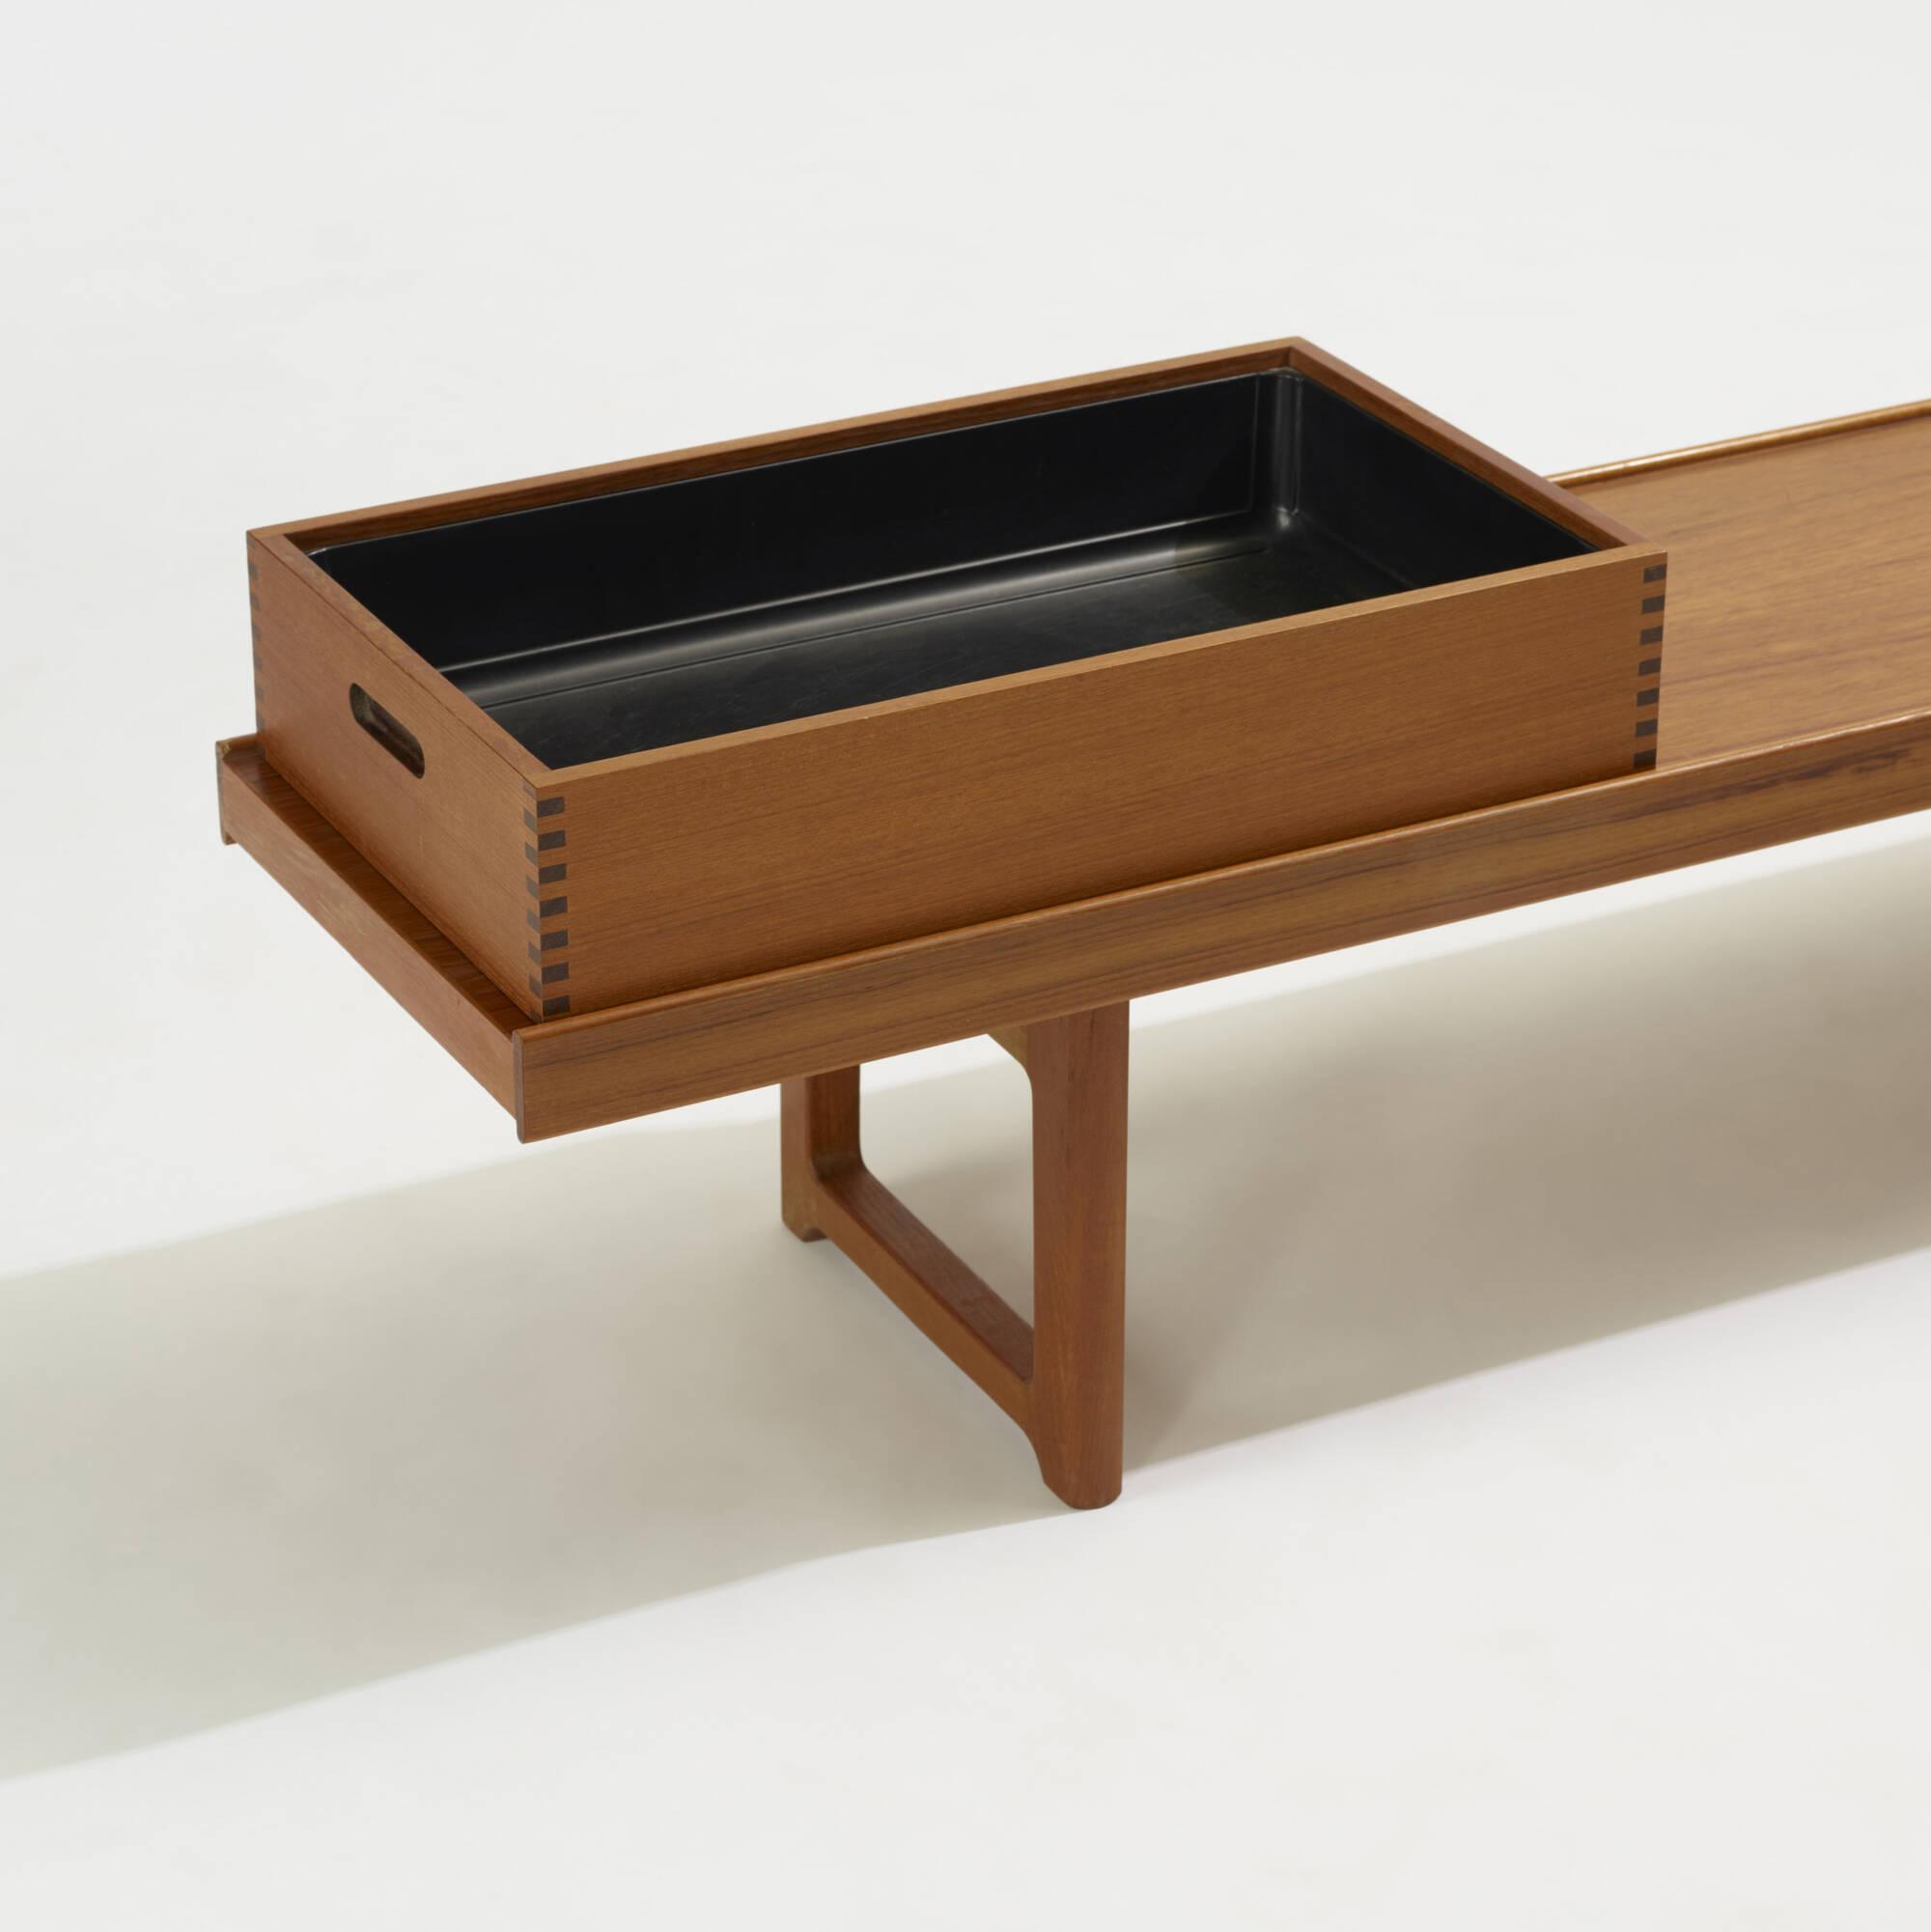 109: Torbjørn Afdal / Krobo bench and accessories (2 of 2)